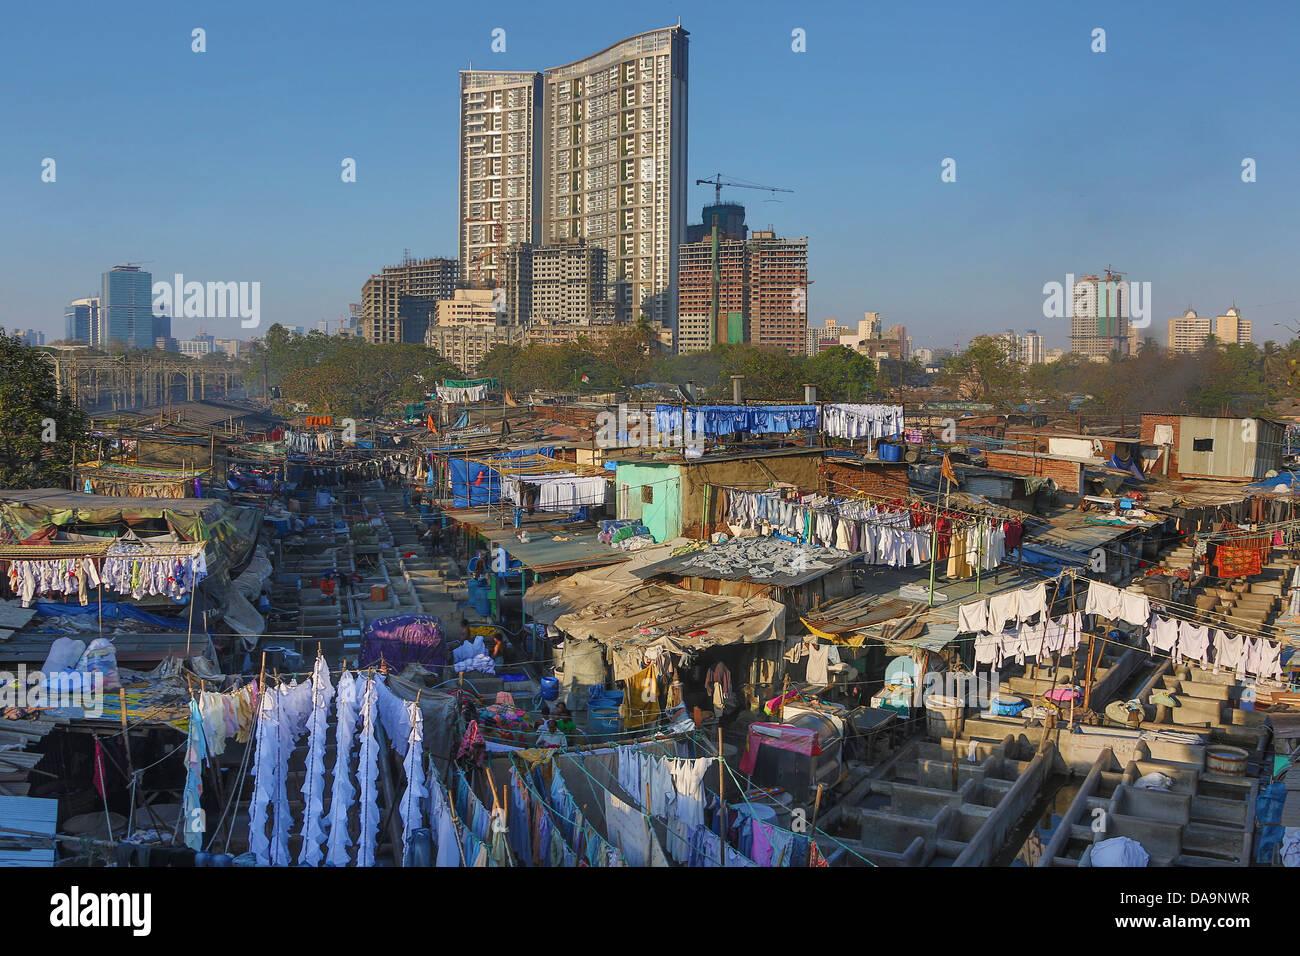 India, South India, Asia, Maharashtra, Mumbai, Bombay, City, public, laundry, clothes, wash, washing - Stock Image